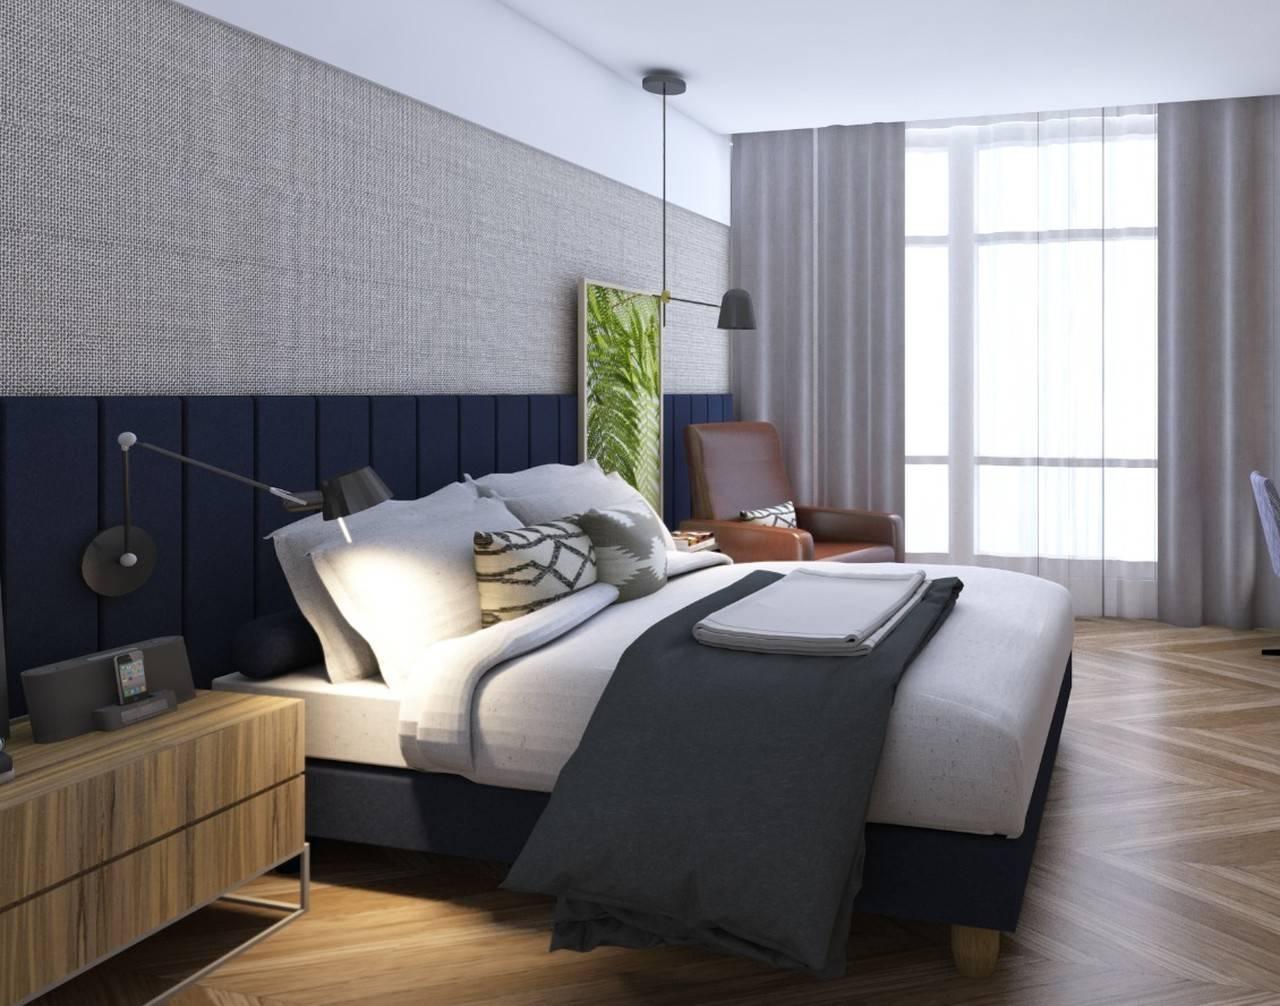 Segundo a designer de interiores, houve uma busca por elementos que trouxessem referências residenciais